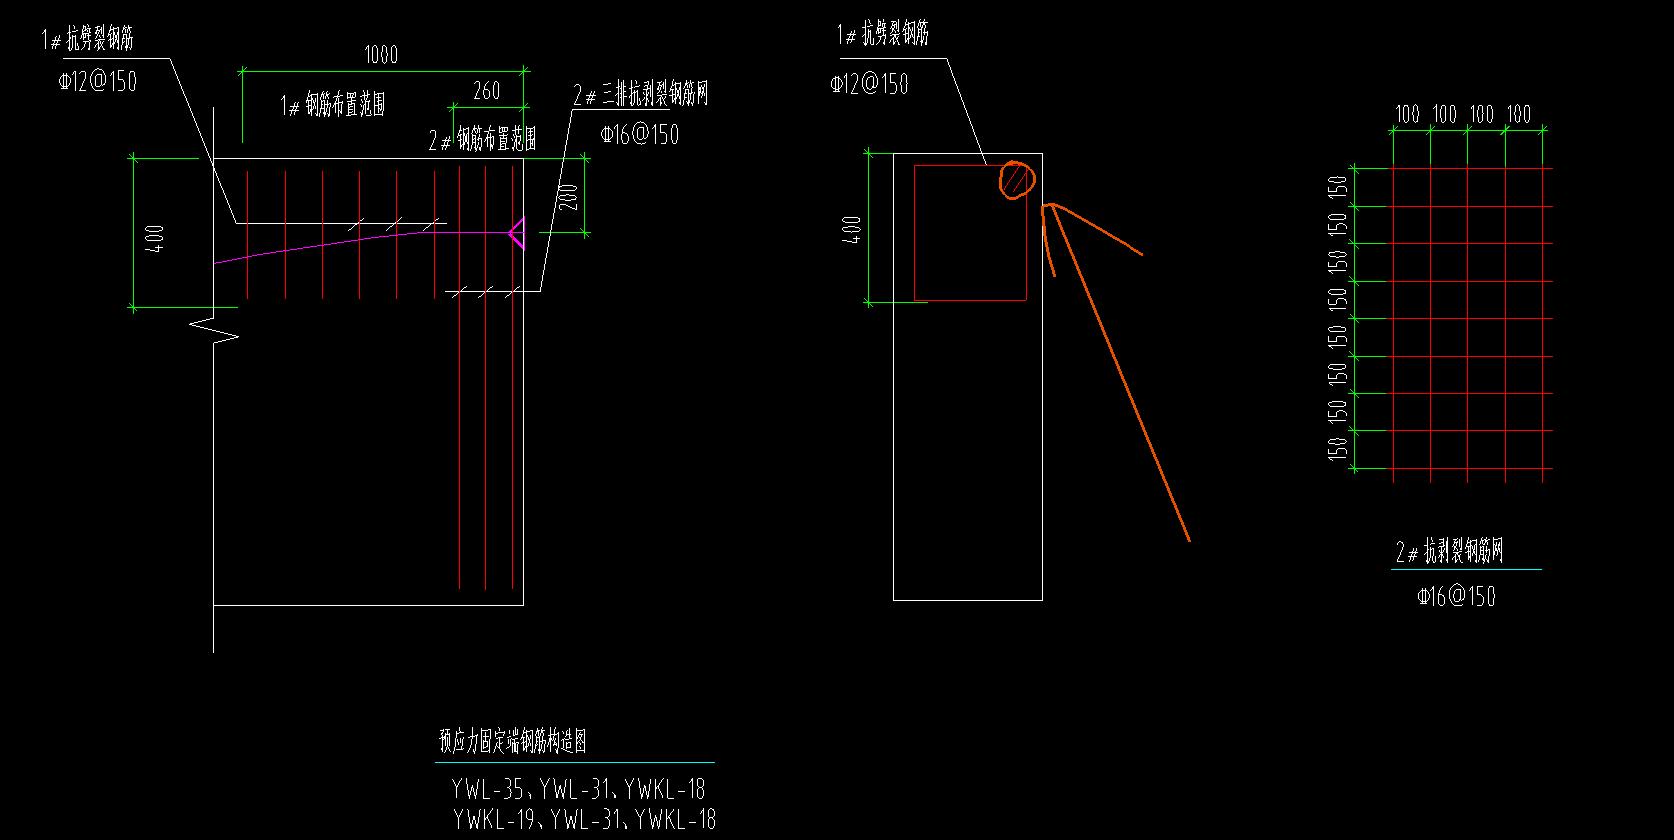 如圖圖集標示位置處1#抗裂初中的彎折鋼筋中是?在101紅線中哪?天山圖集王瑩圖片